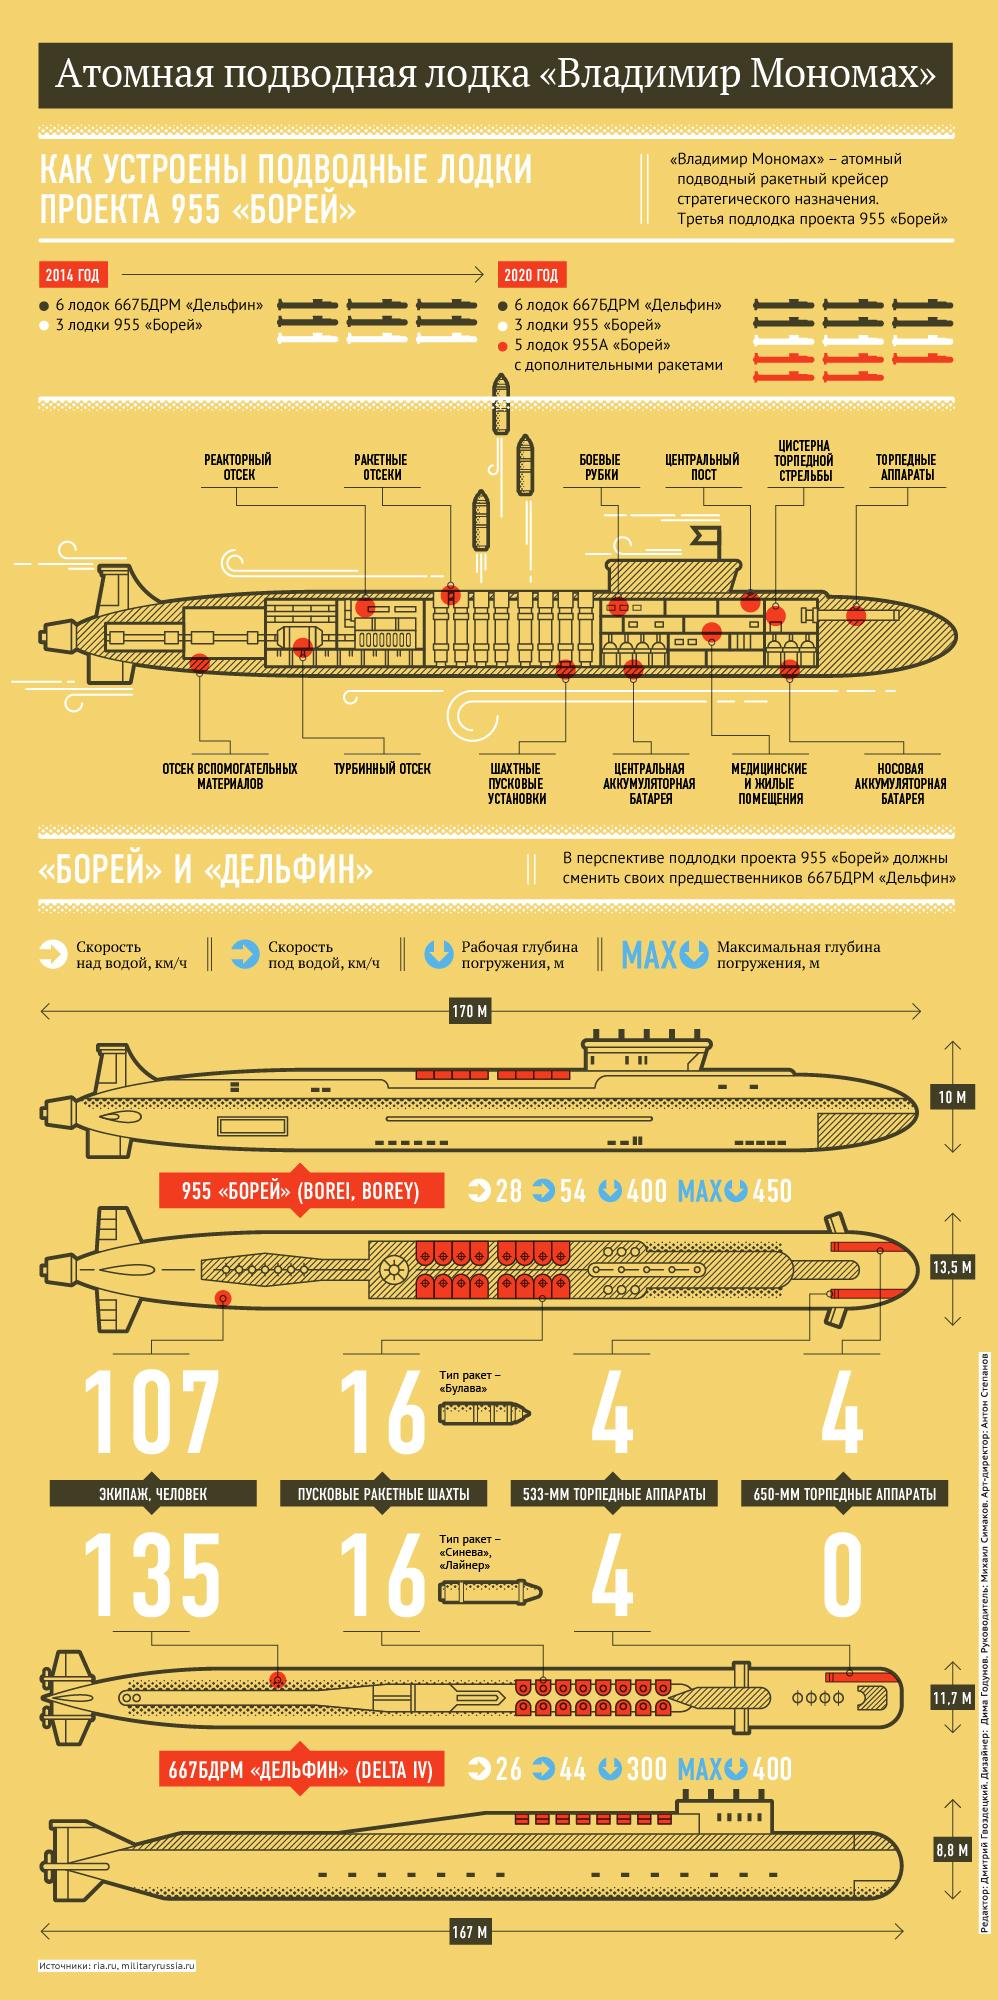 Атомная подводная лодка «Владимир Мономах»